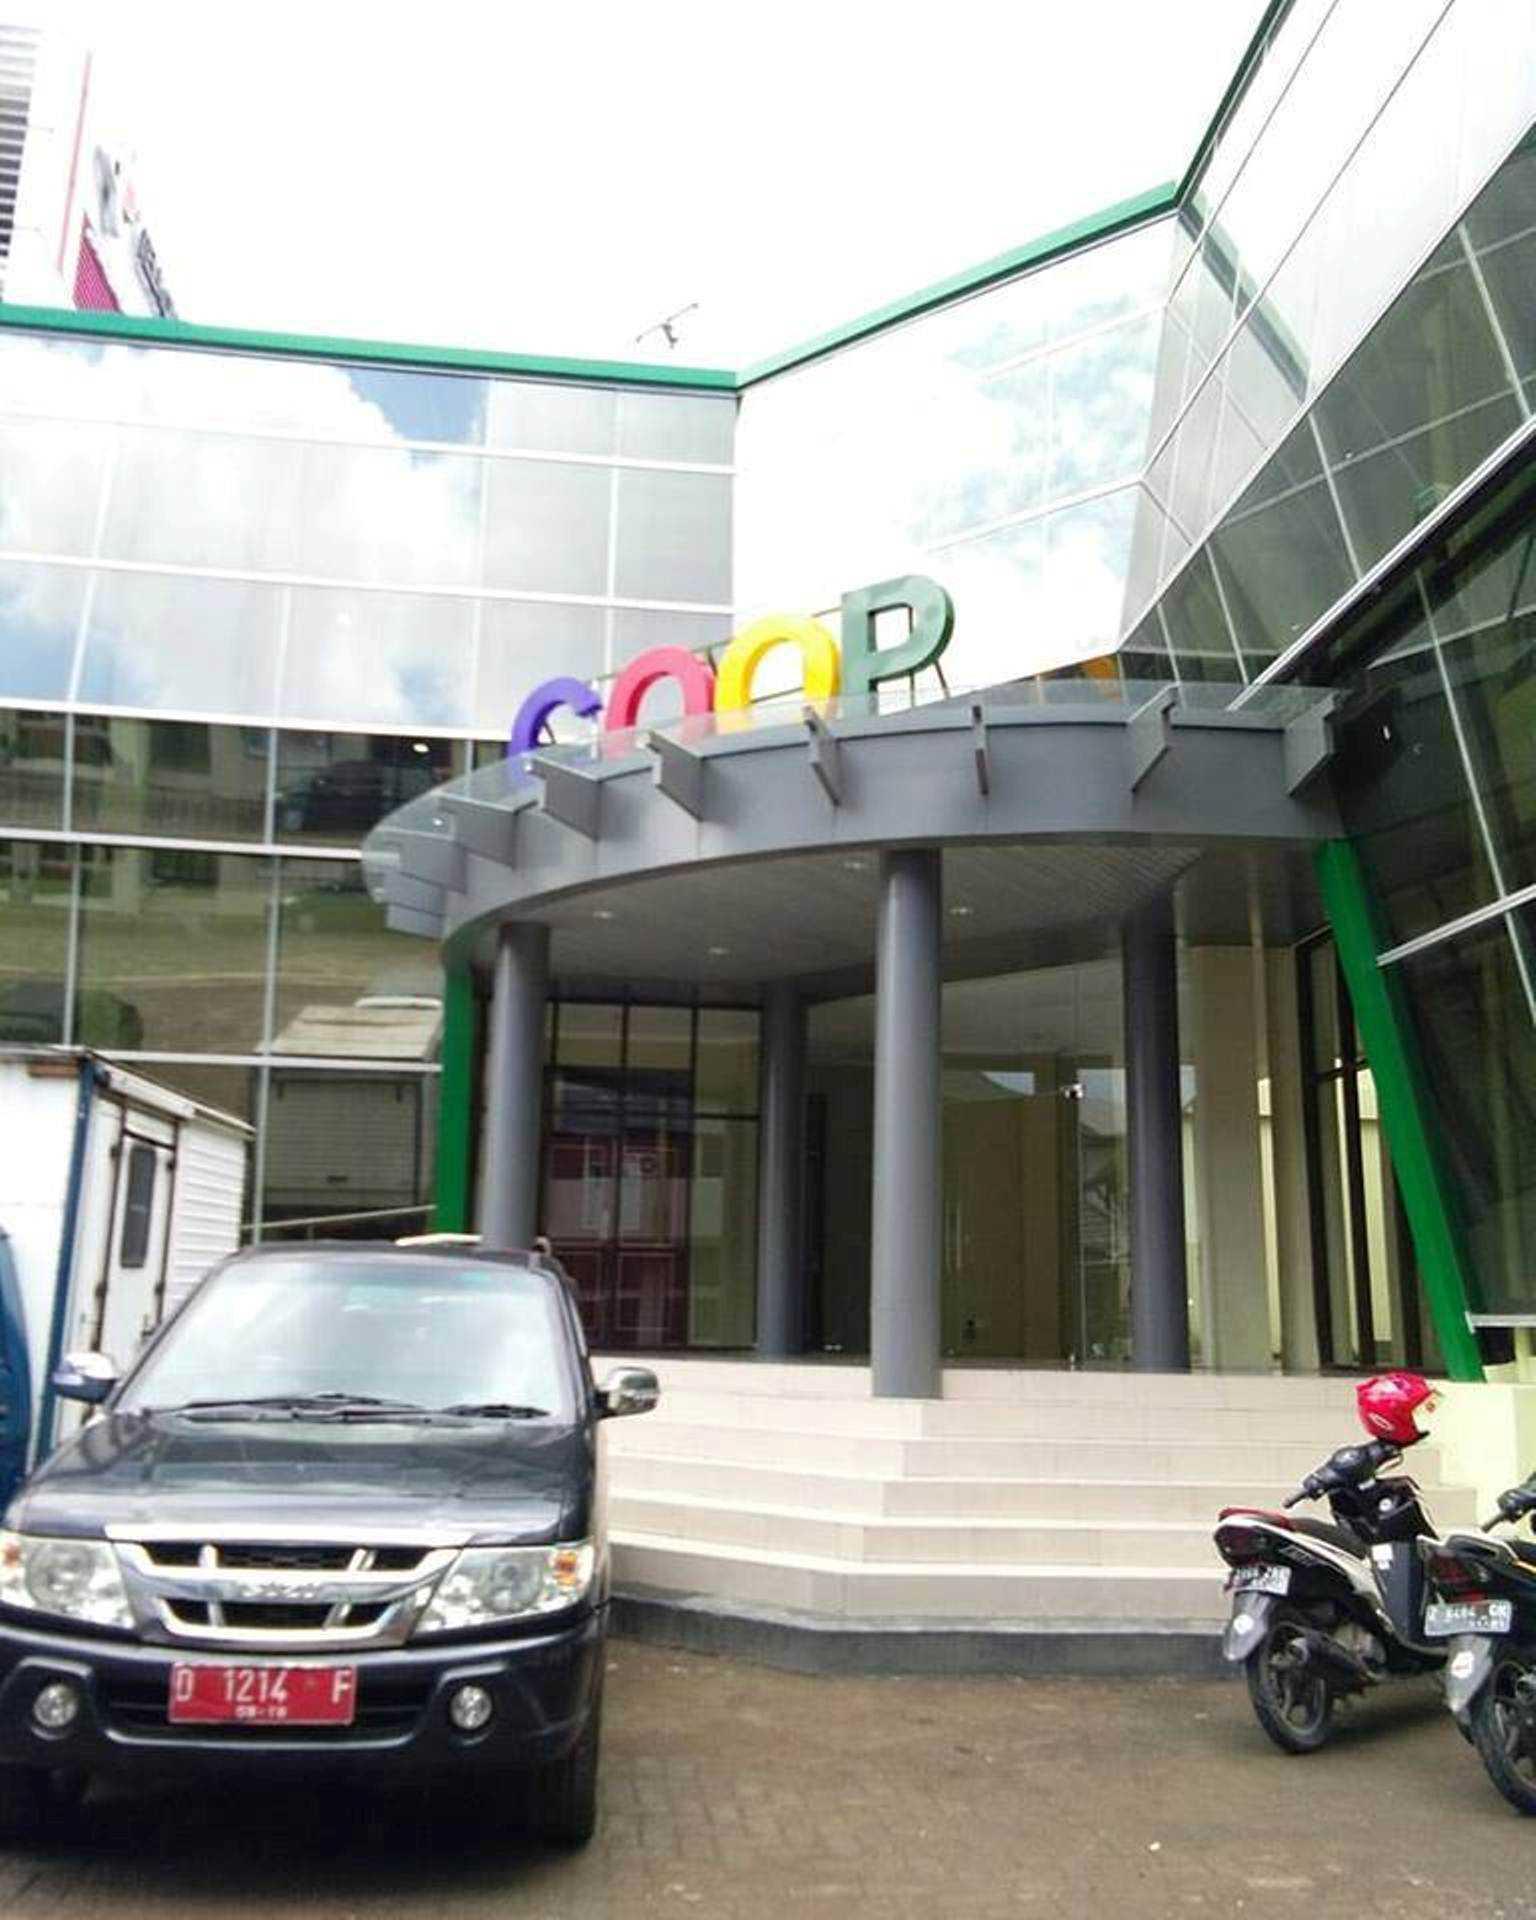 Archdesignbuild7 Kumkm Building Soekarno Hatta, Bandung, West Java Soekarno Hatta, Bandung, West Java Andiyanto-Purwonost-Kumkm-Building  57334